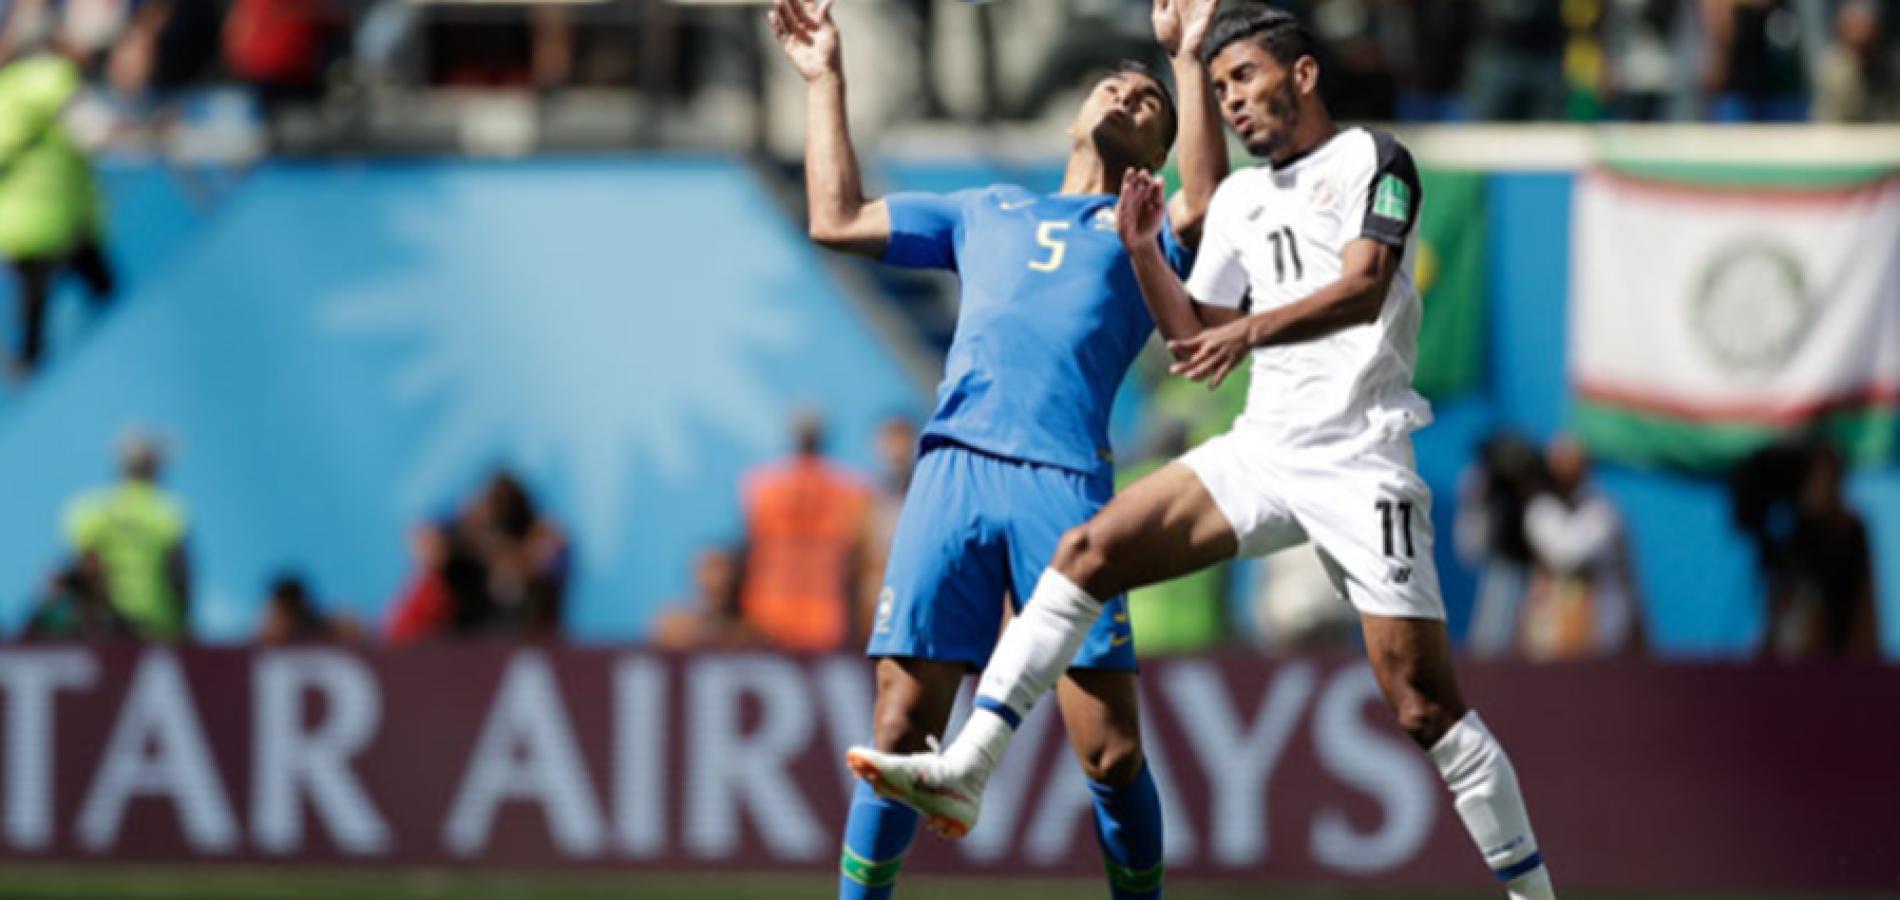 No sufoco, Brasil supera nervosismo e bate Costa Rica com gols nos acréscimos